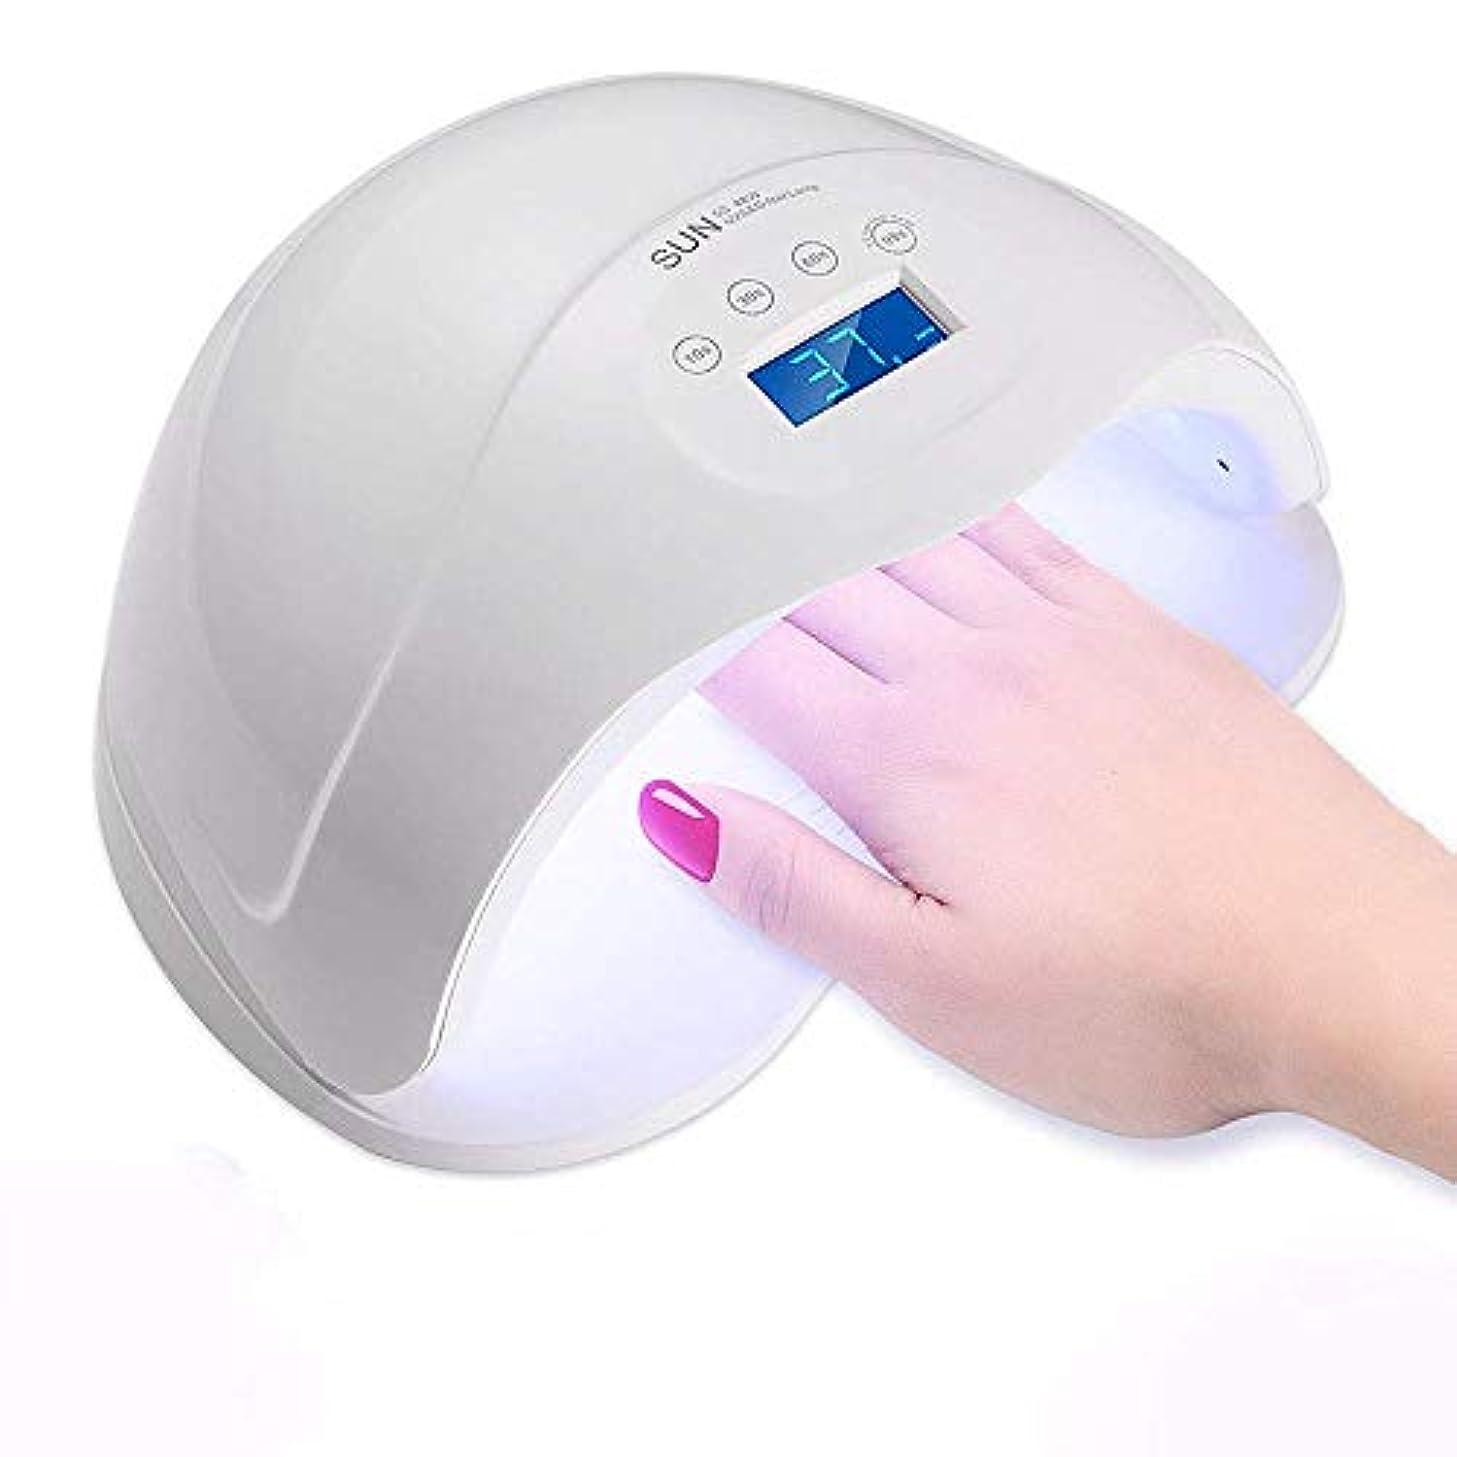 示す厚くするシリンダー48W UVネイルランプスマートセンサー速乾性痛みのないモードLEDネイルドライヤー4タイマー設定&24ダブル光源ビーズ